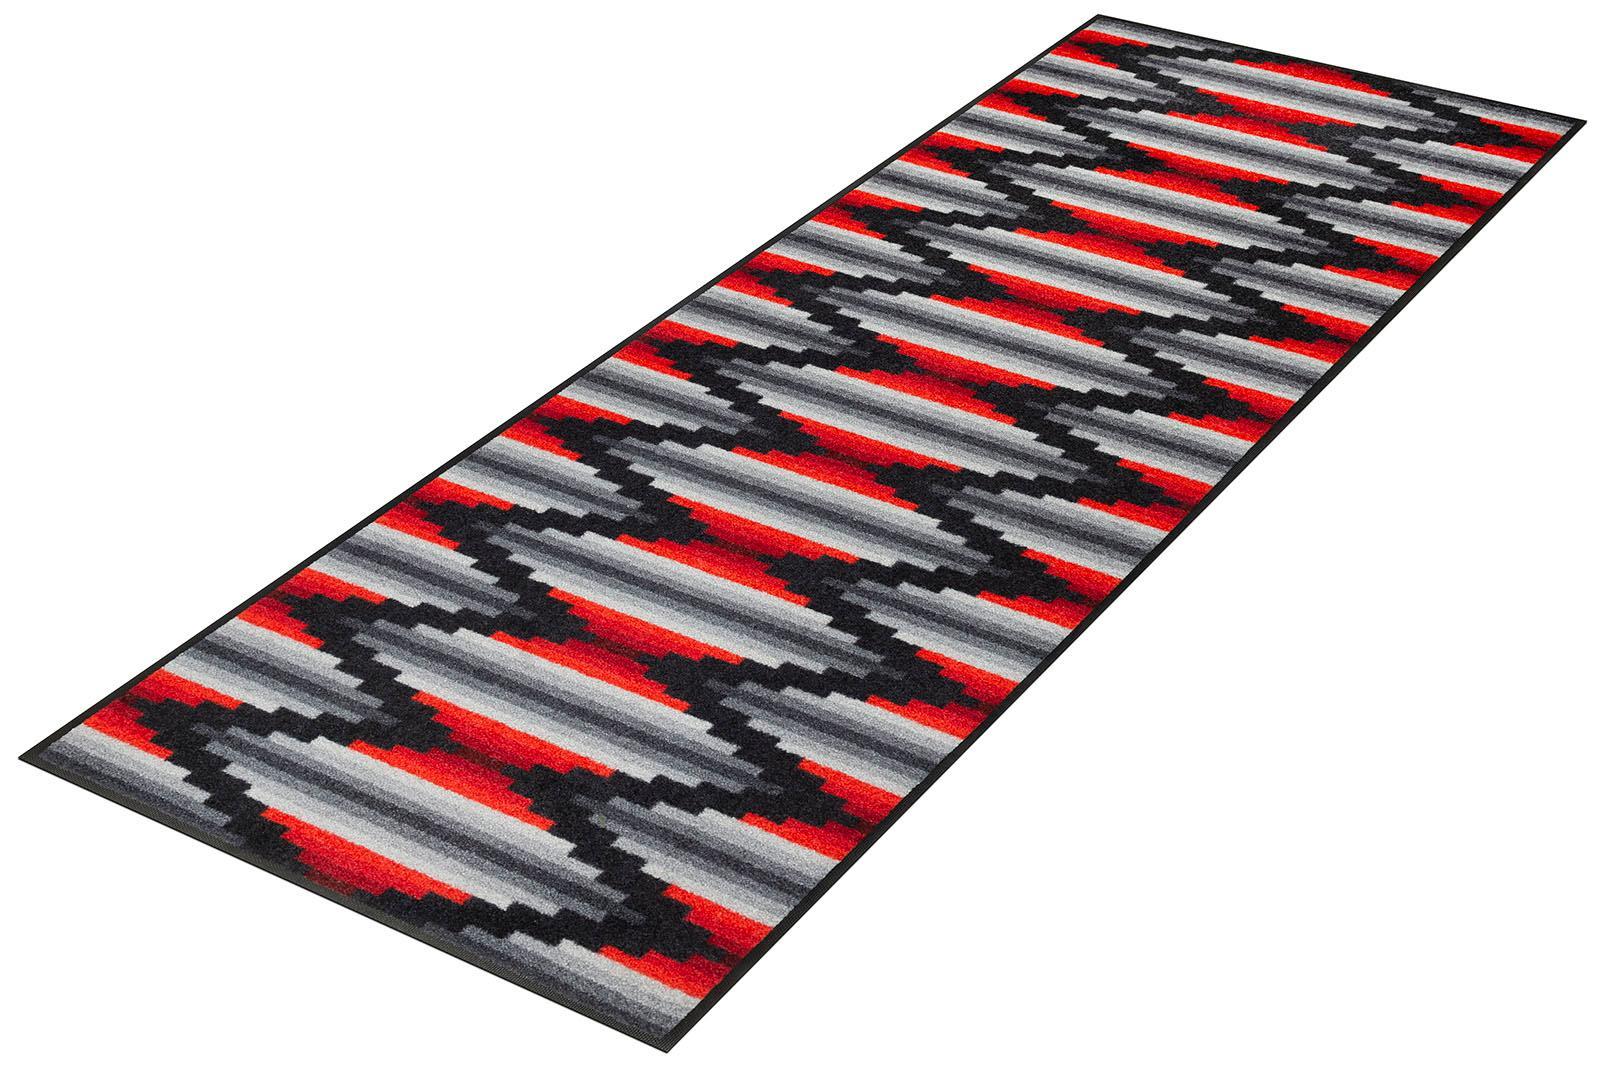 Läufer Ribanna wash+dry by Kleen-Tex rechteckig Höhe 7 mm gedruckt